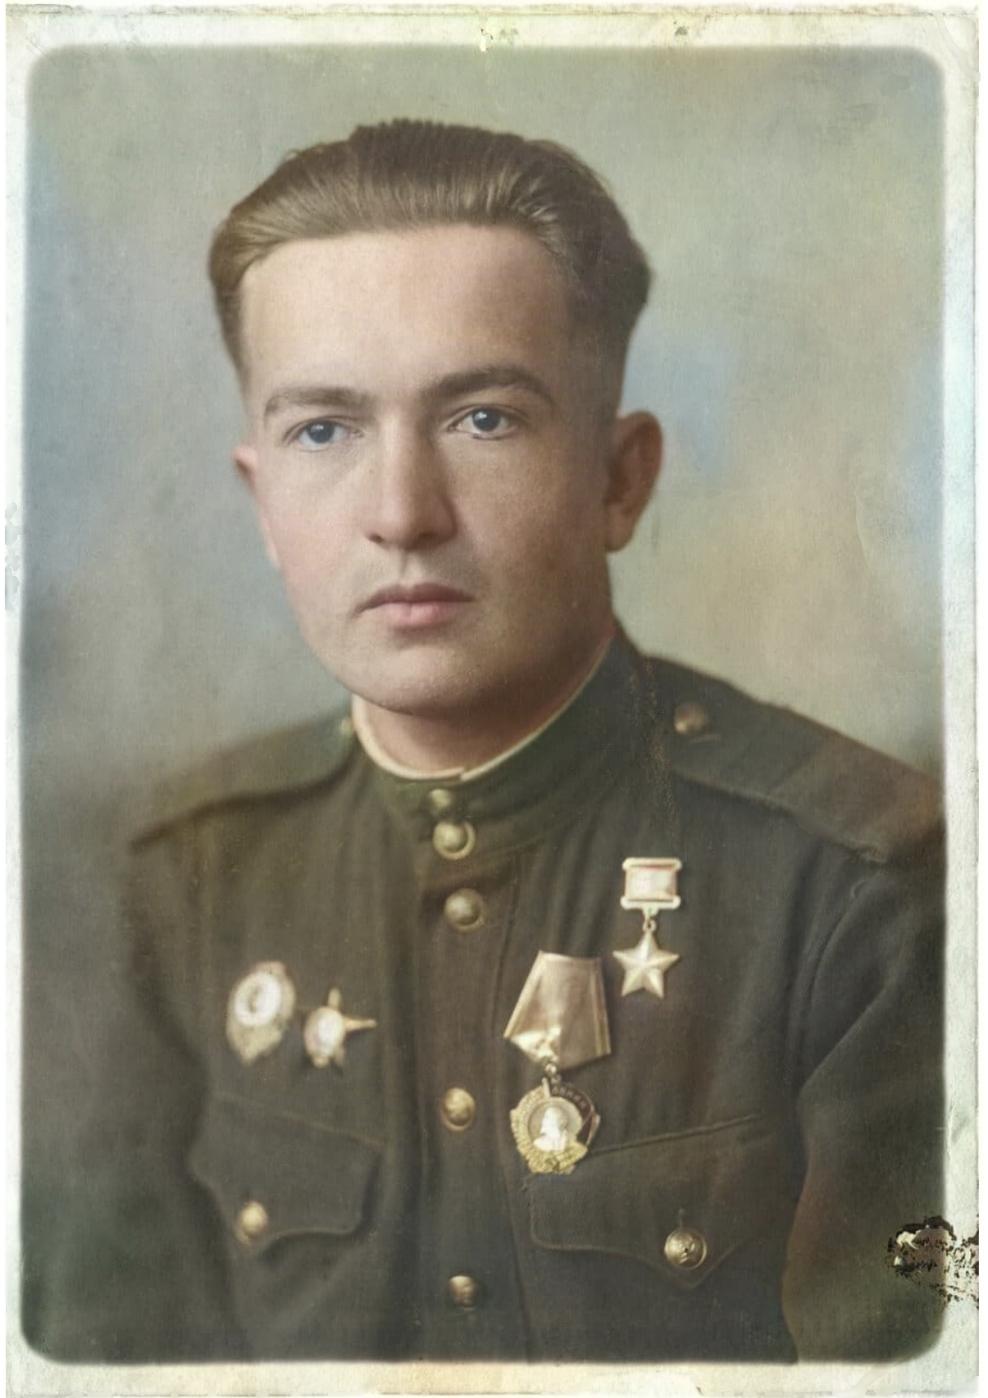 фото из музея Степановых (с обработкой в цвете)